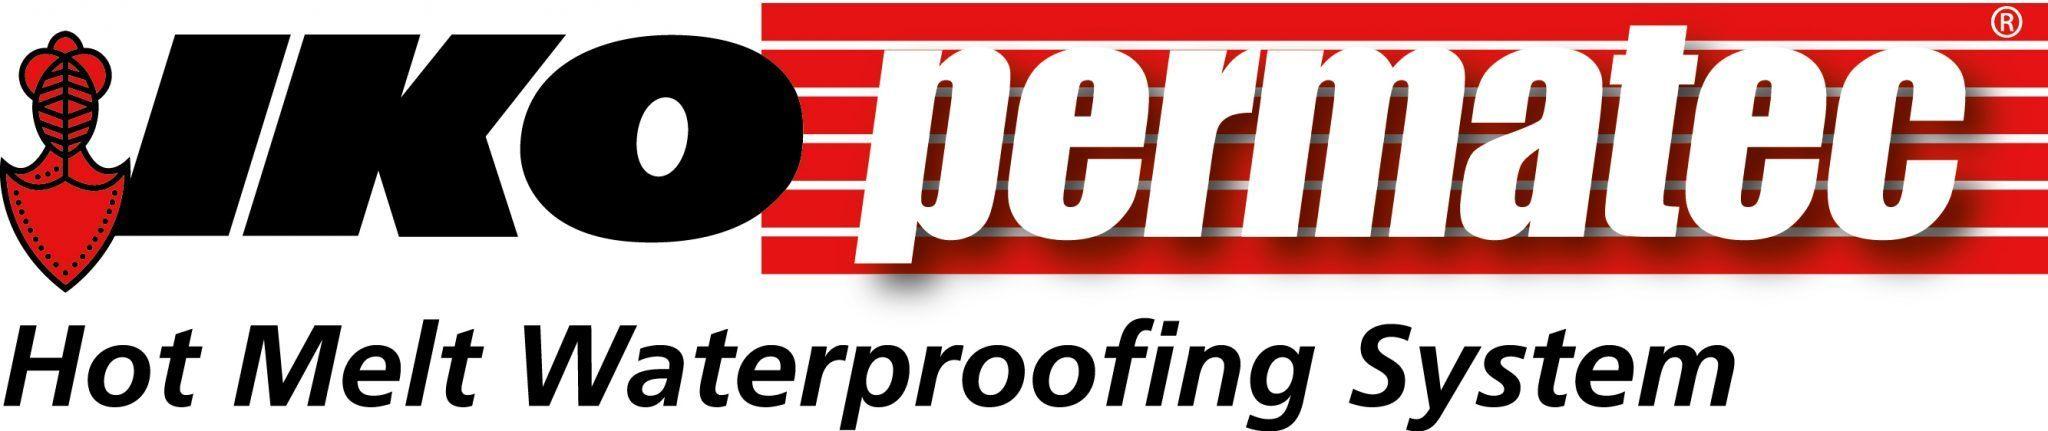 IKO-Permatec-Logo.jpg